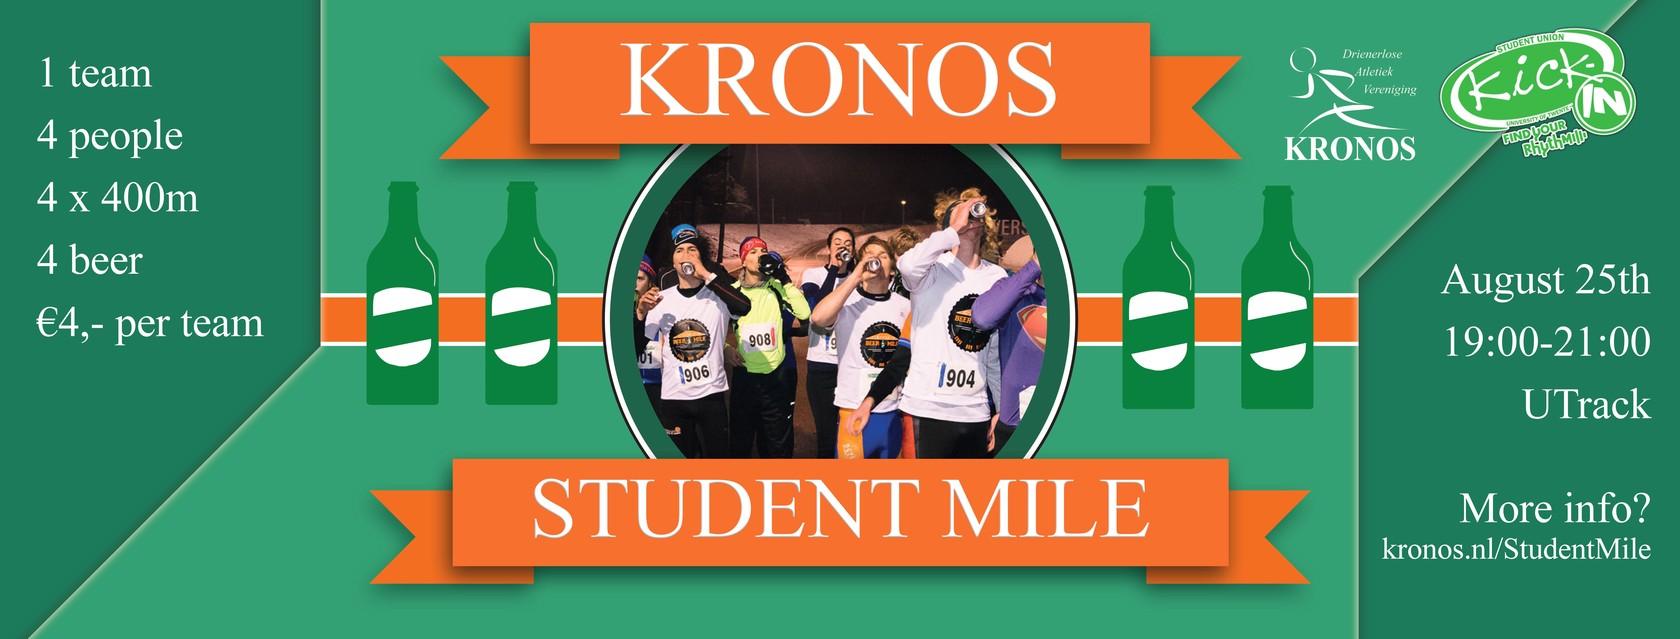 Kronos Student Mile